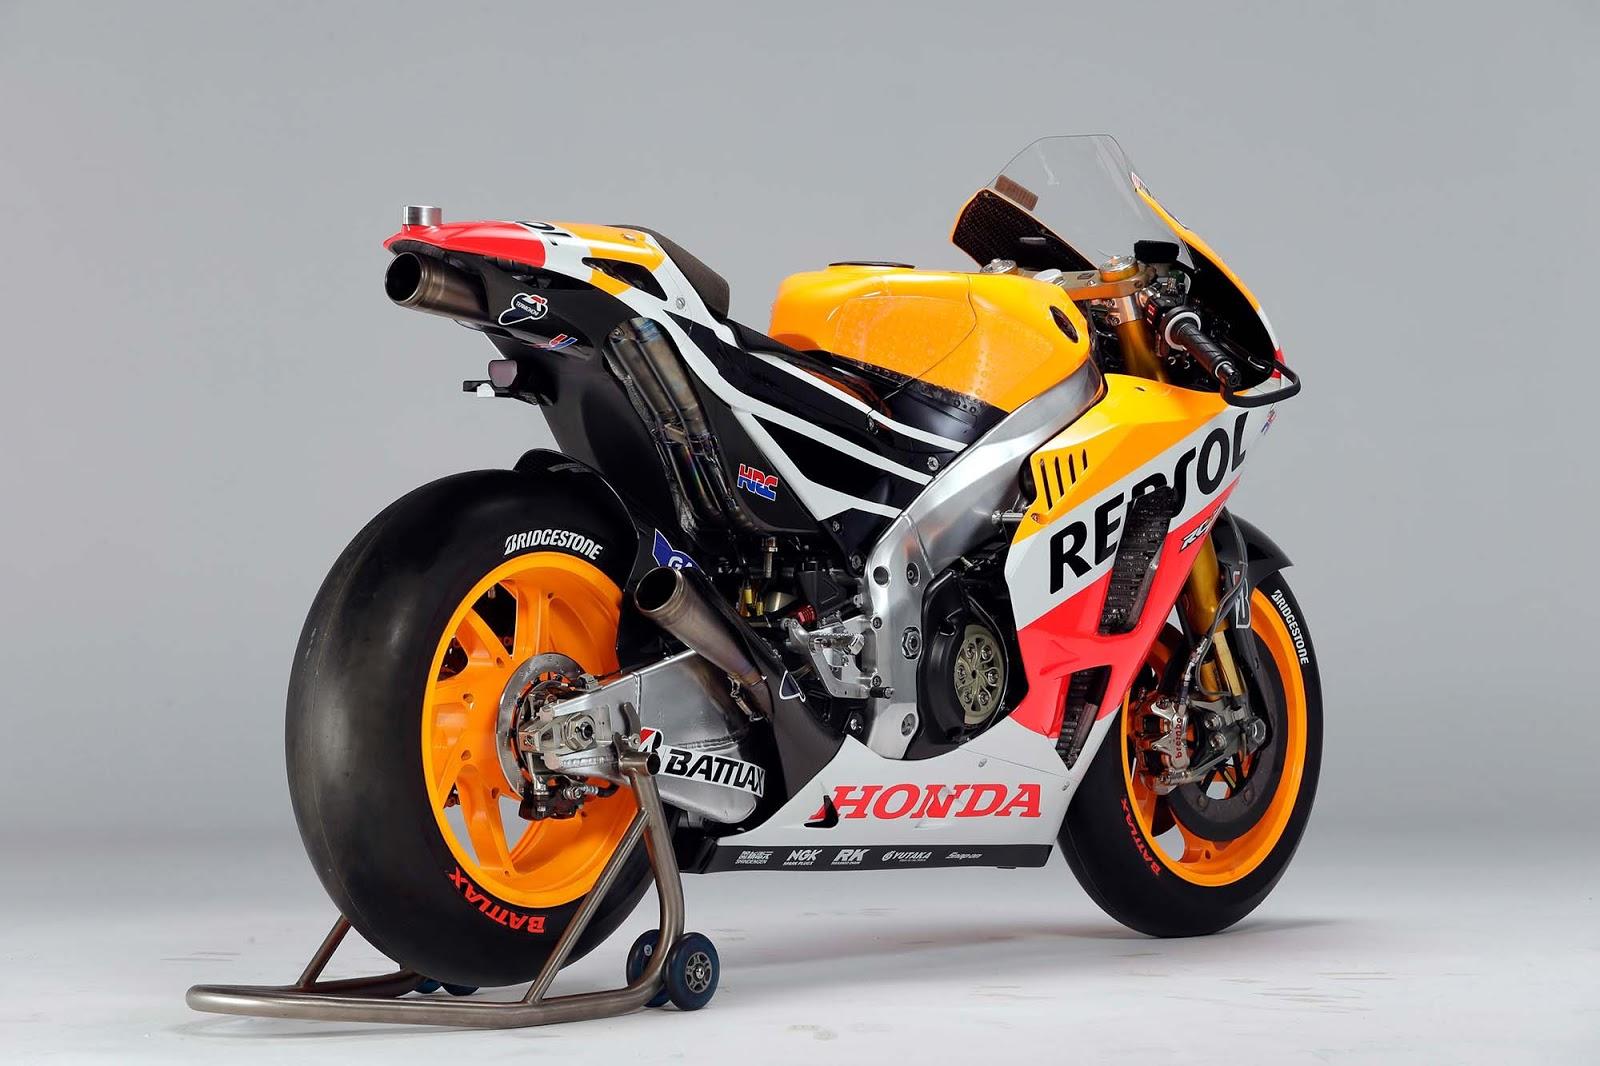 Persamaan Buritan Motor Matic Honda Dan Suzuki Dengan Motor Moto